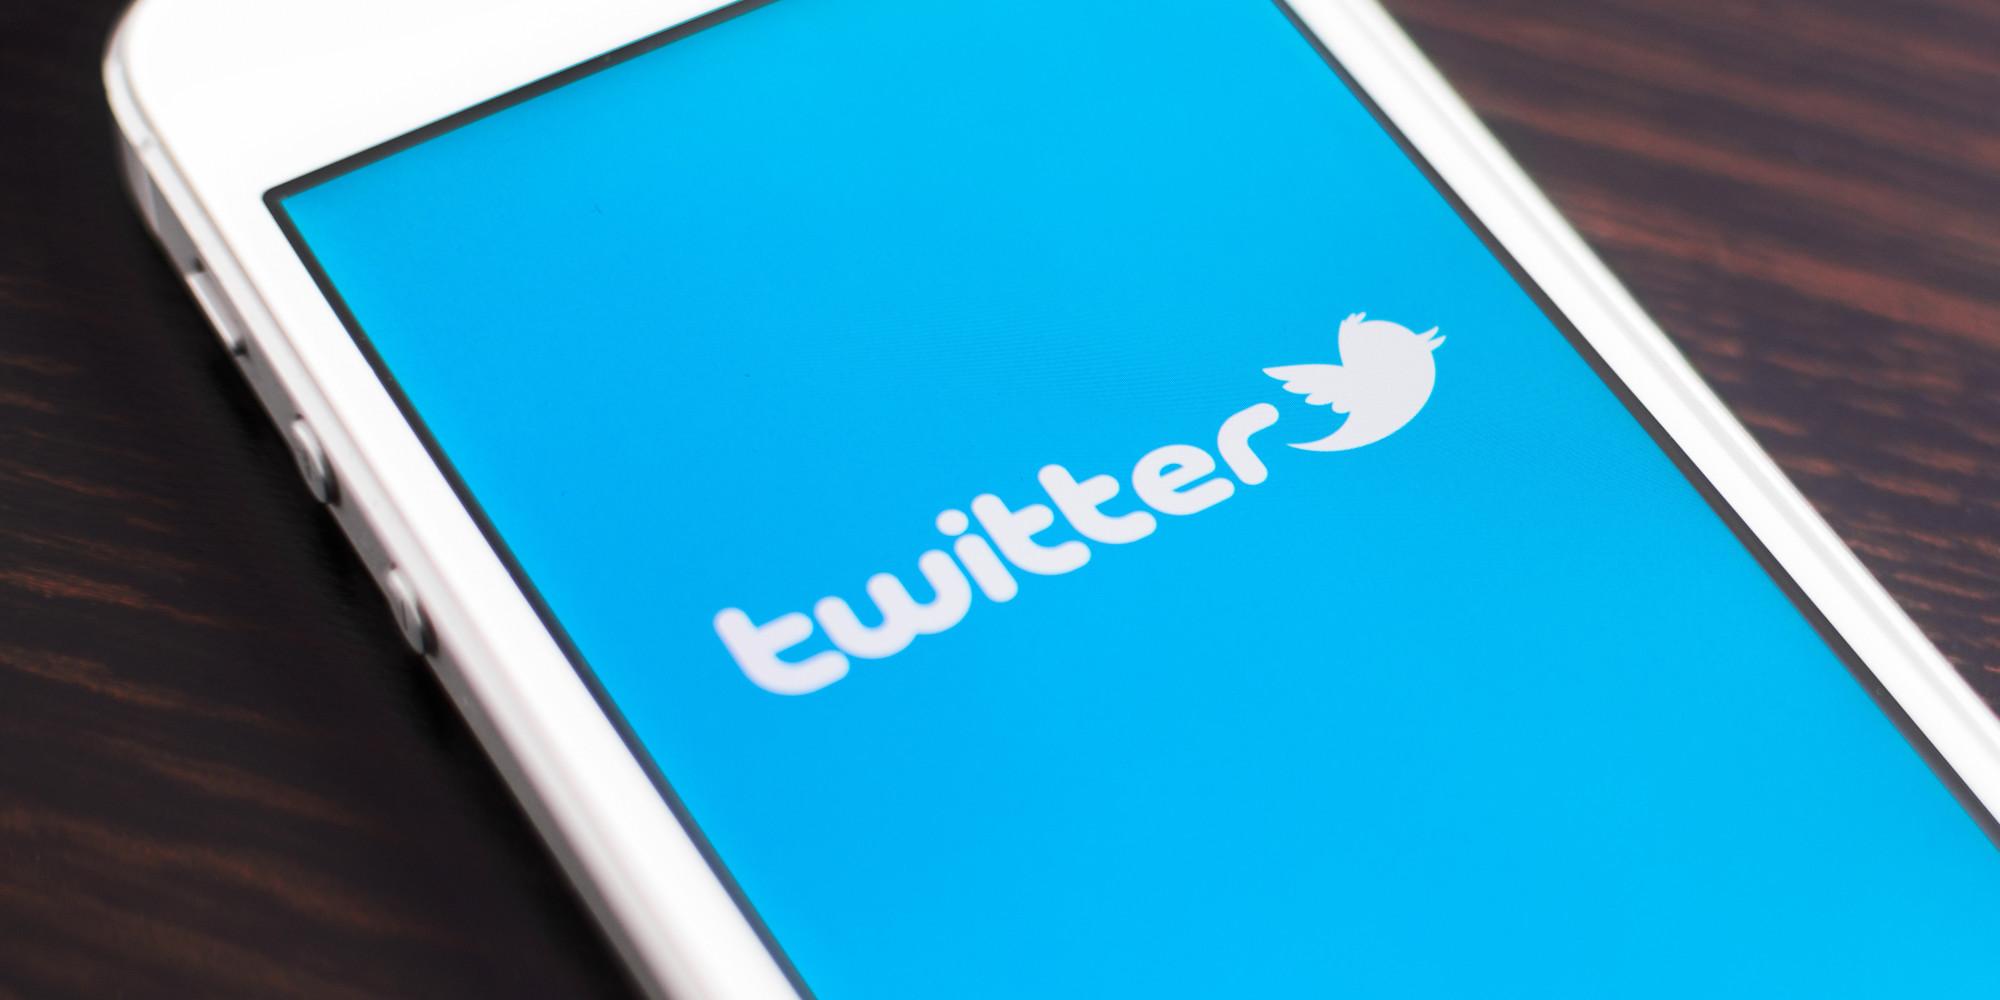 La lutte contre les faux comptes coûte cher à Twitter